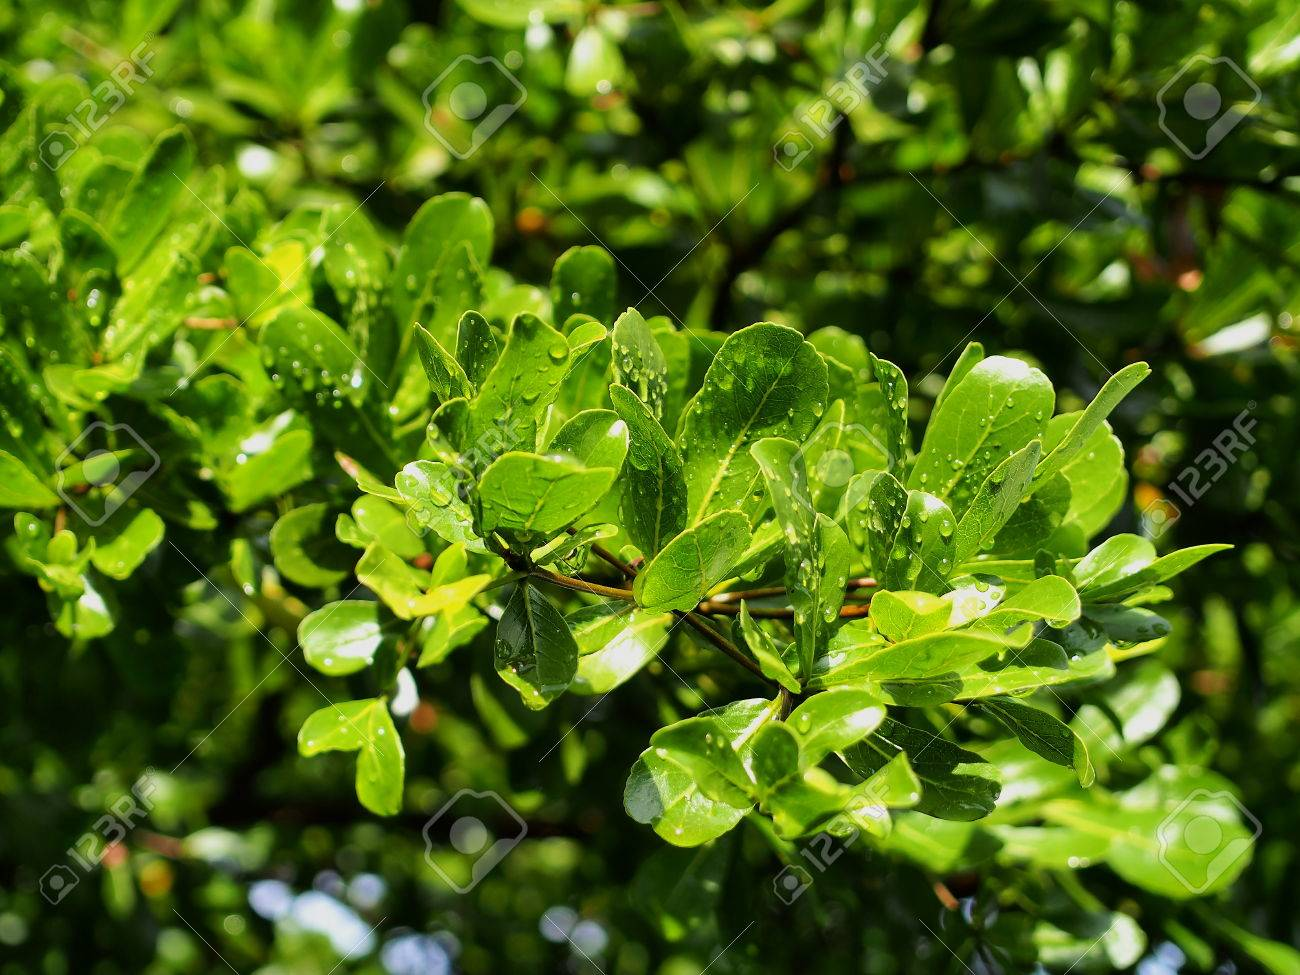 Blätter Von Terminalia Ivorensis Chev. Terminalia Ivorensis Chev Ist Eine  Der Beliebtesten Für Dekorieren Gartenhaus